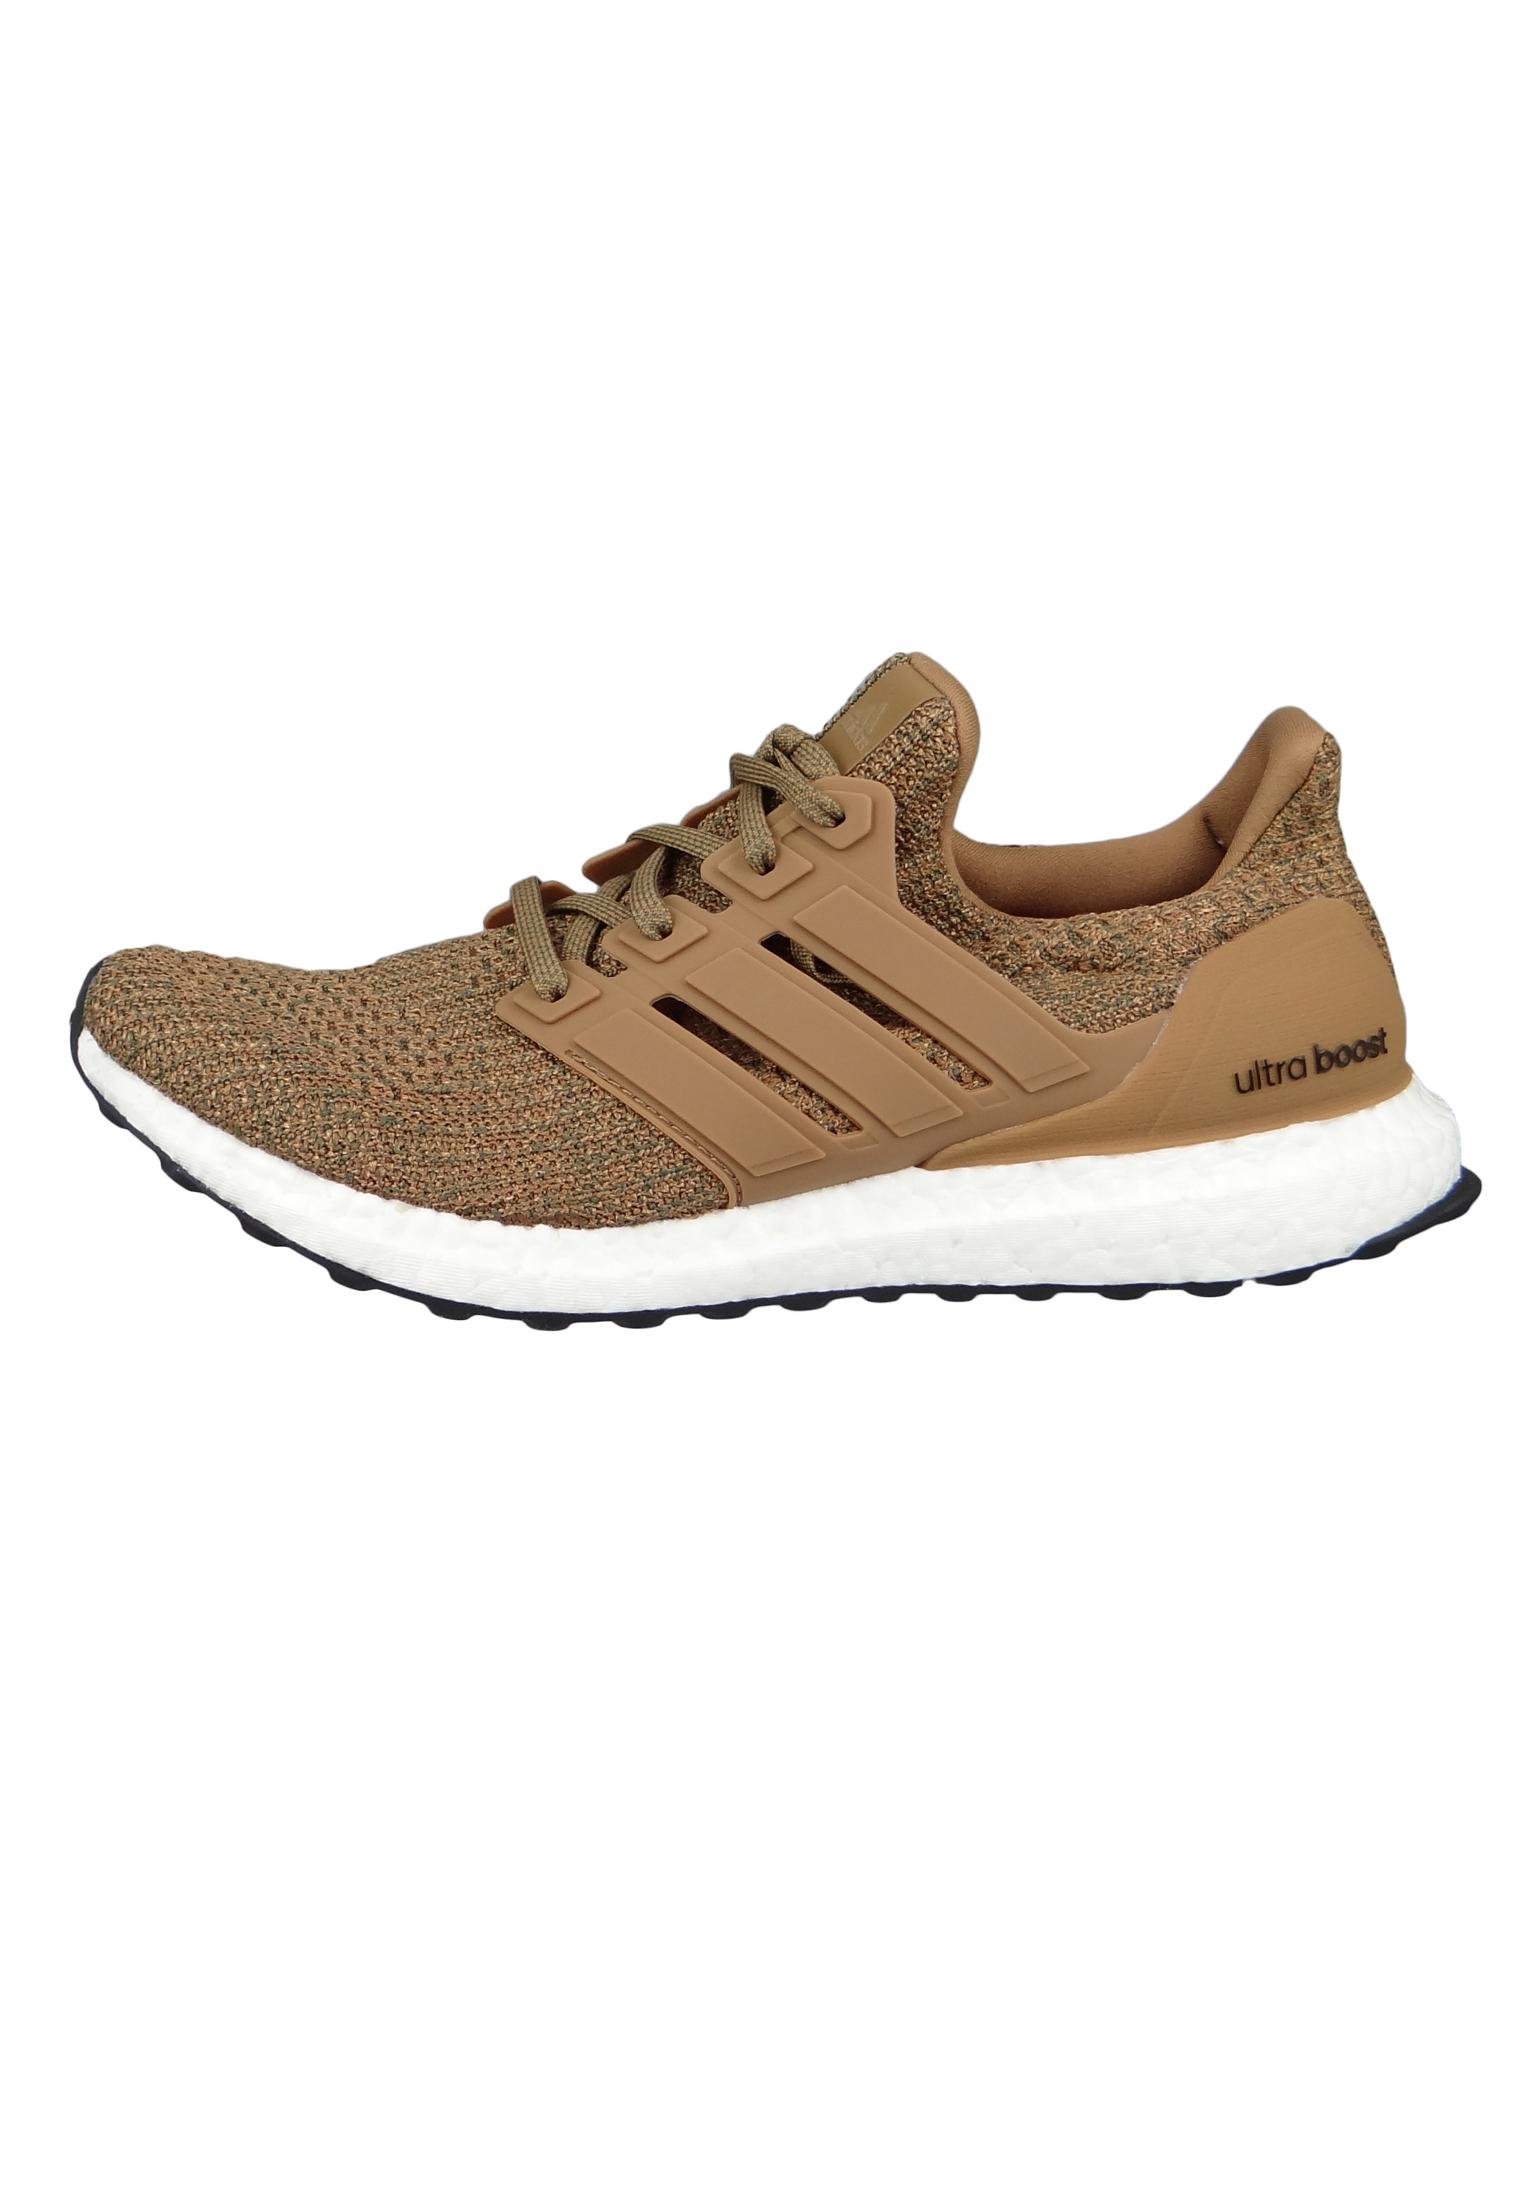 sneakers for cheap b14ab a29e9 adidas UltraBOOST CM8118 Herren Laufschuhe Running raw desert/raw  desert/base green Braun